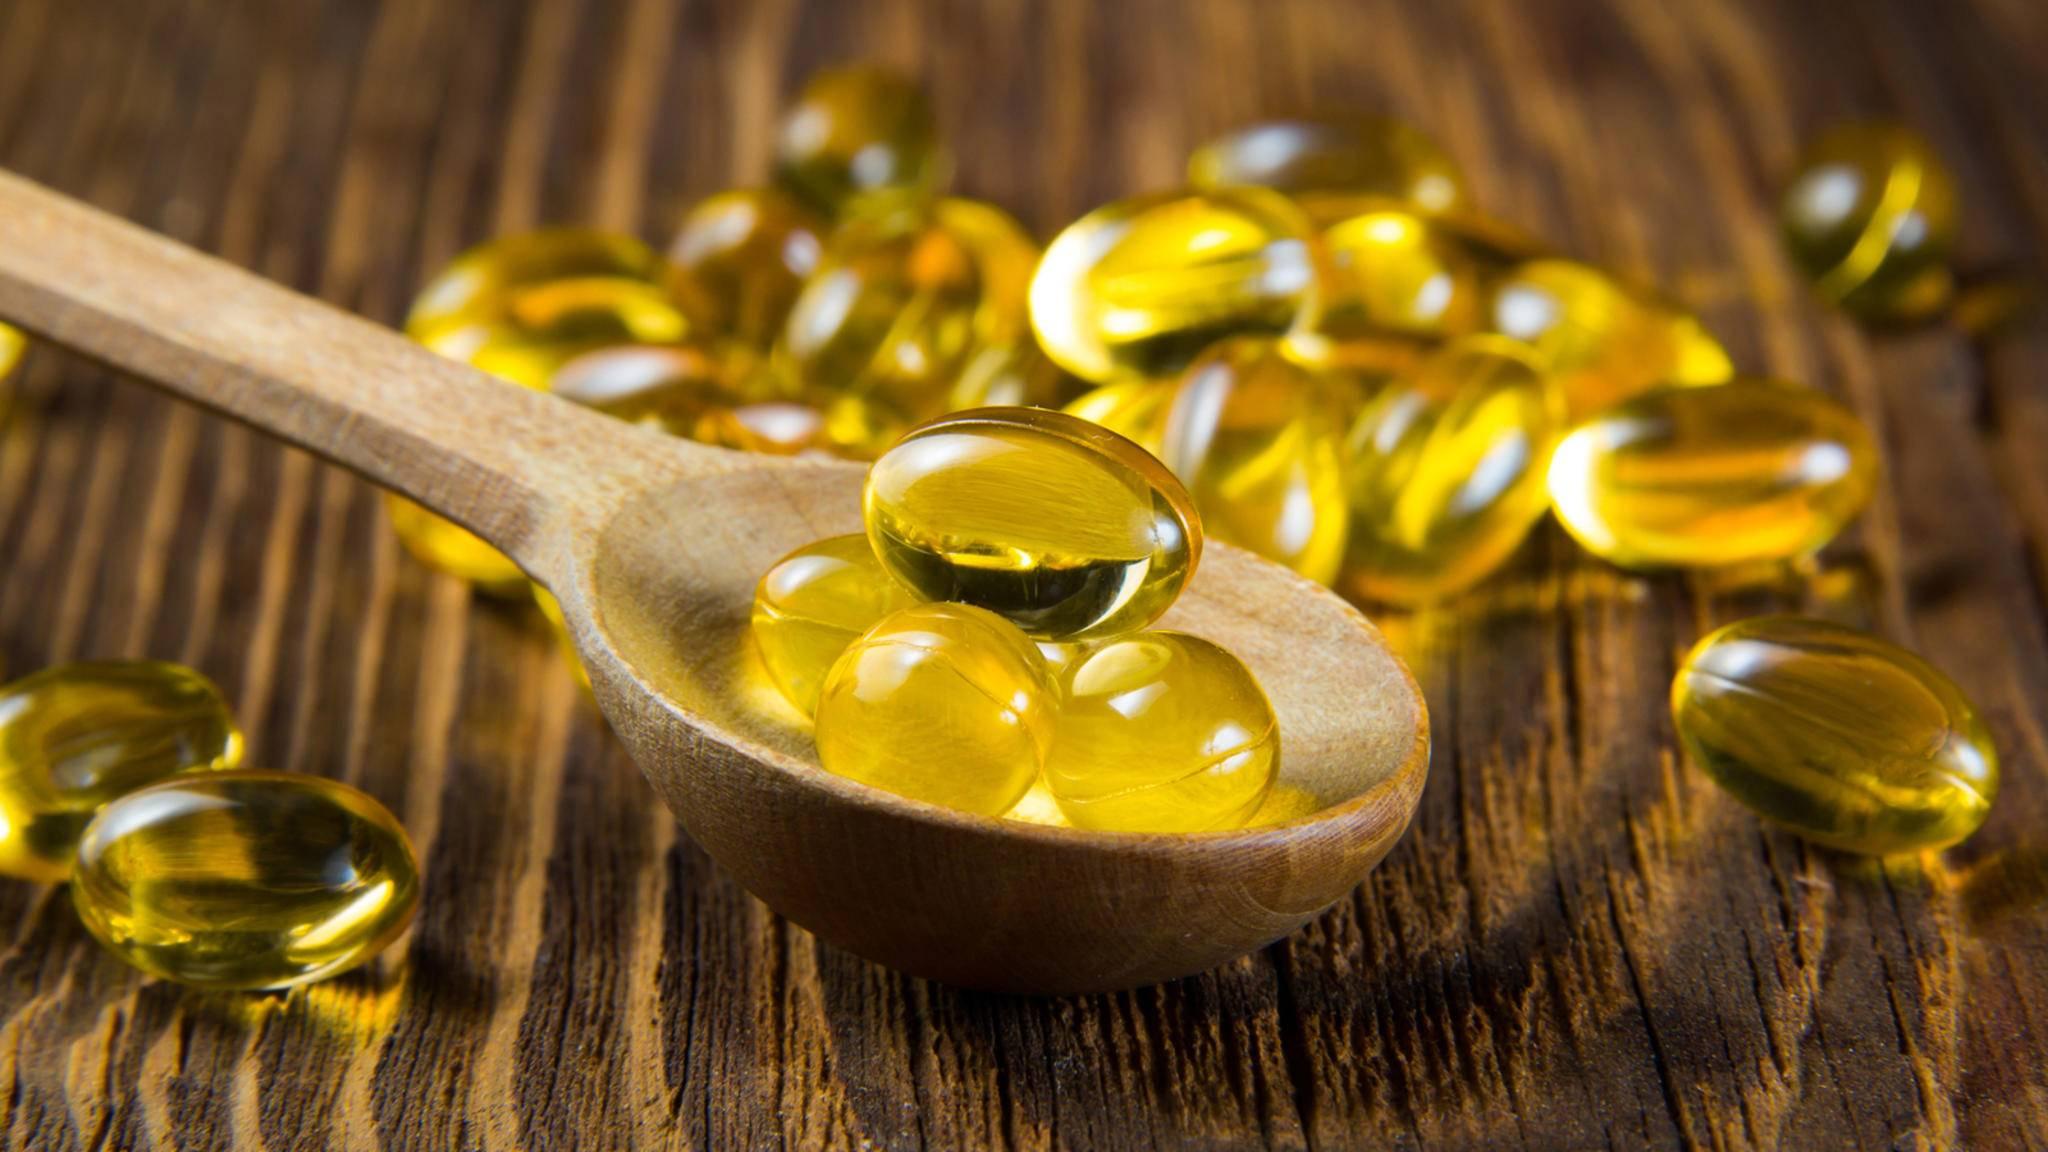 Wer unter einem Mangel leidet, kann Vitamin D zum Beispiel in Form von Dragees zu sich nehmen.